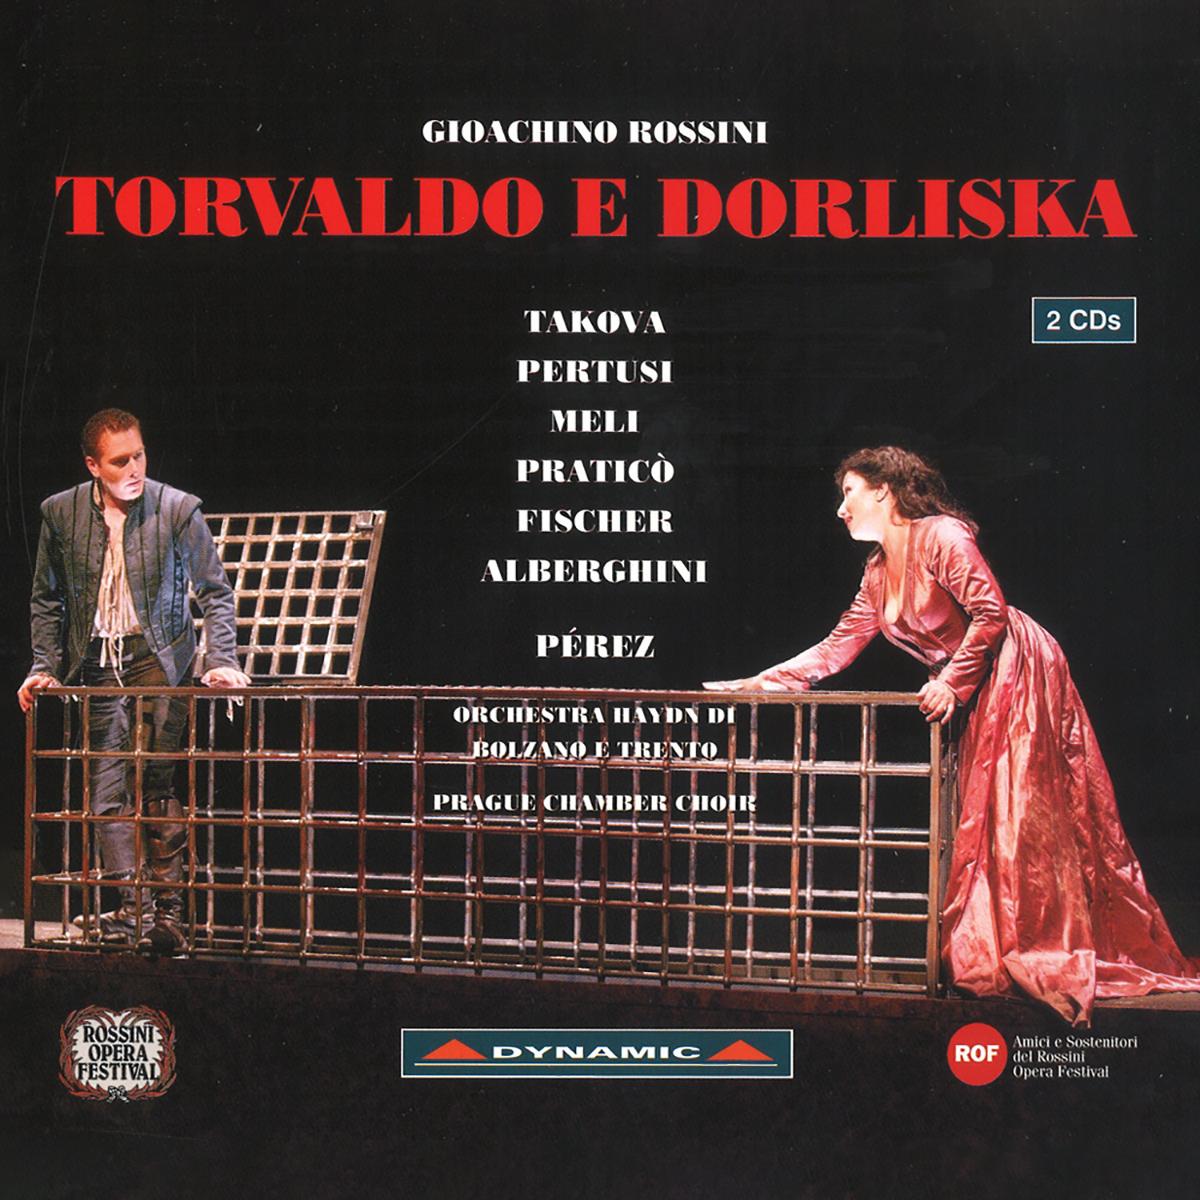 Gioachino Rossini - Torvaldo e Dorliska